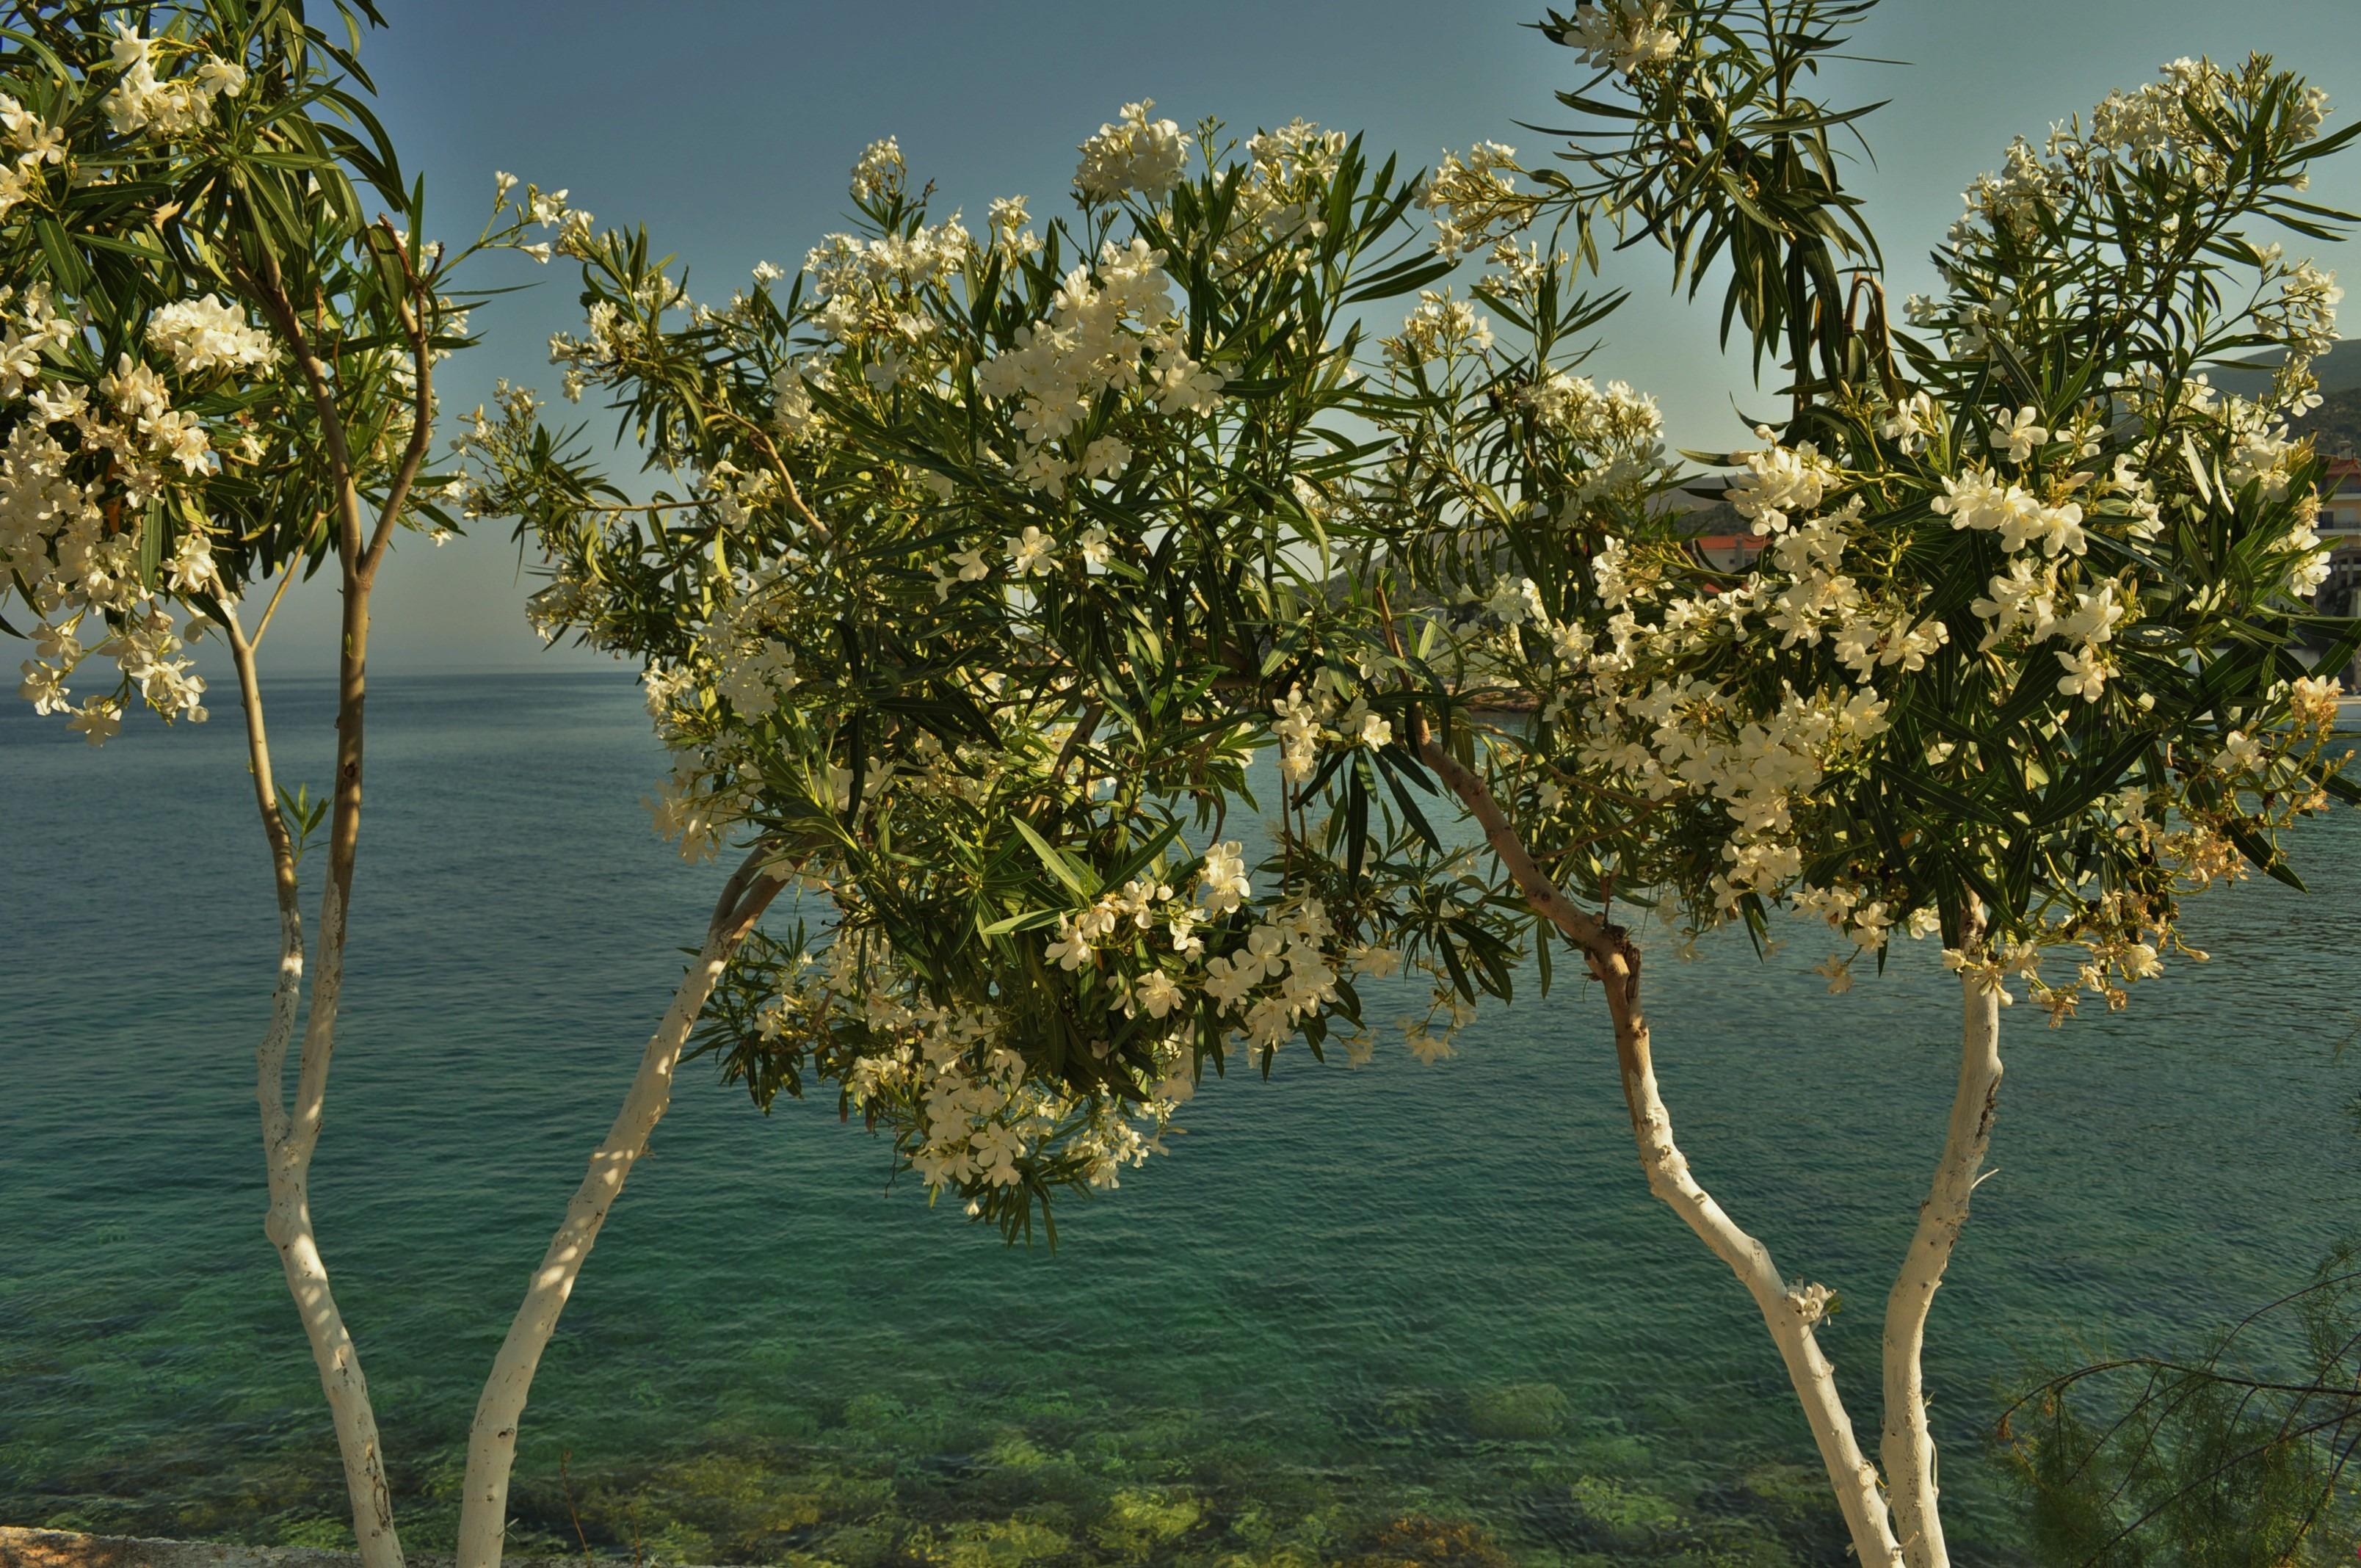 А от сладките крайбрежни селца, белеещи се на фона на олеандровите храсти...